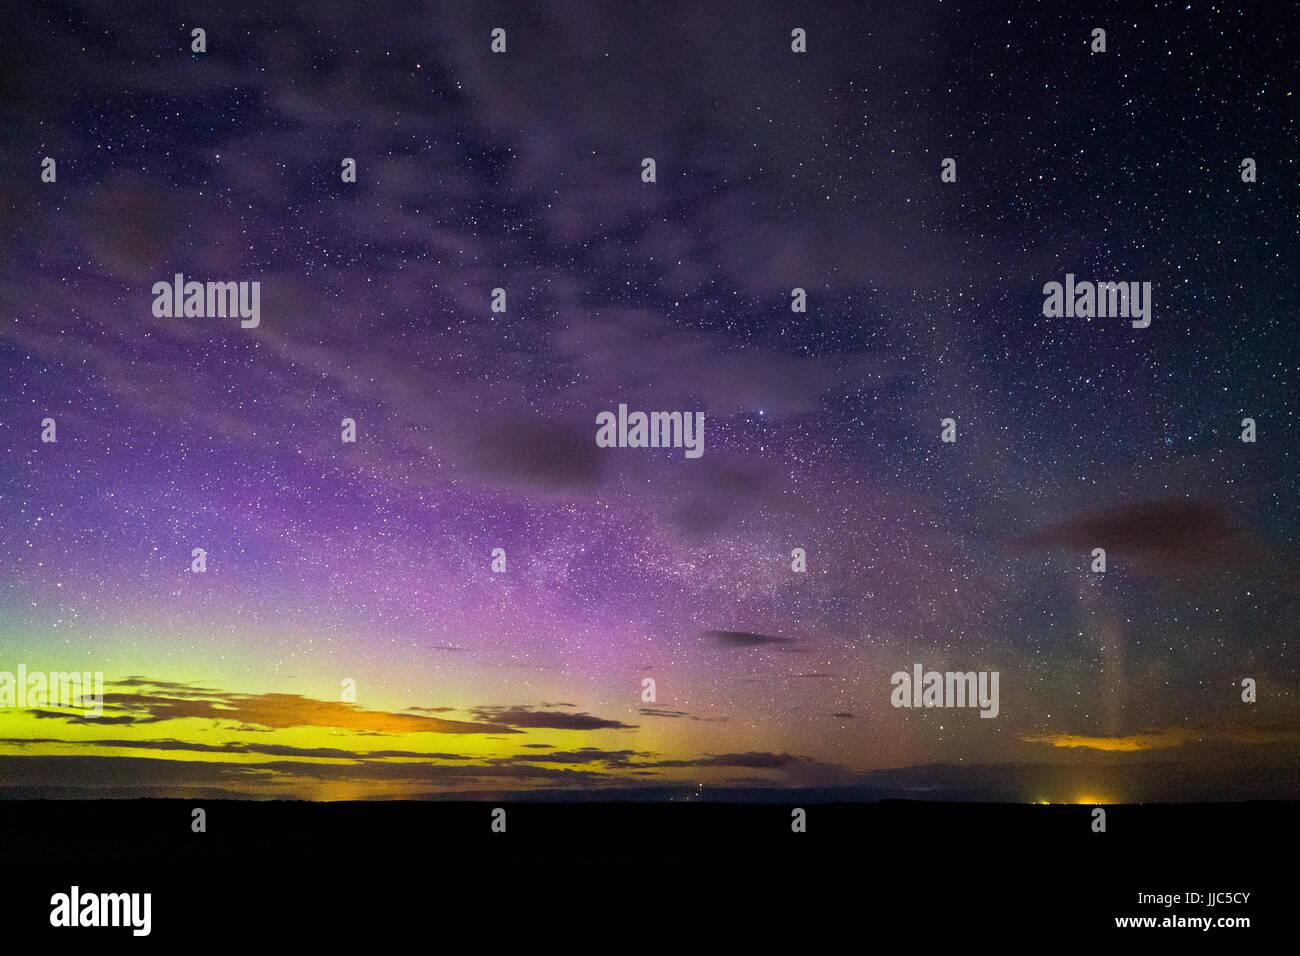 Das Nordlicht Phänomen bekannt als Steve erstreckt sich vom östlichen Horizont über die Bighorn Basin. Stockbild